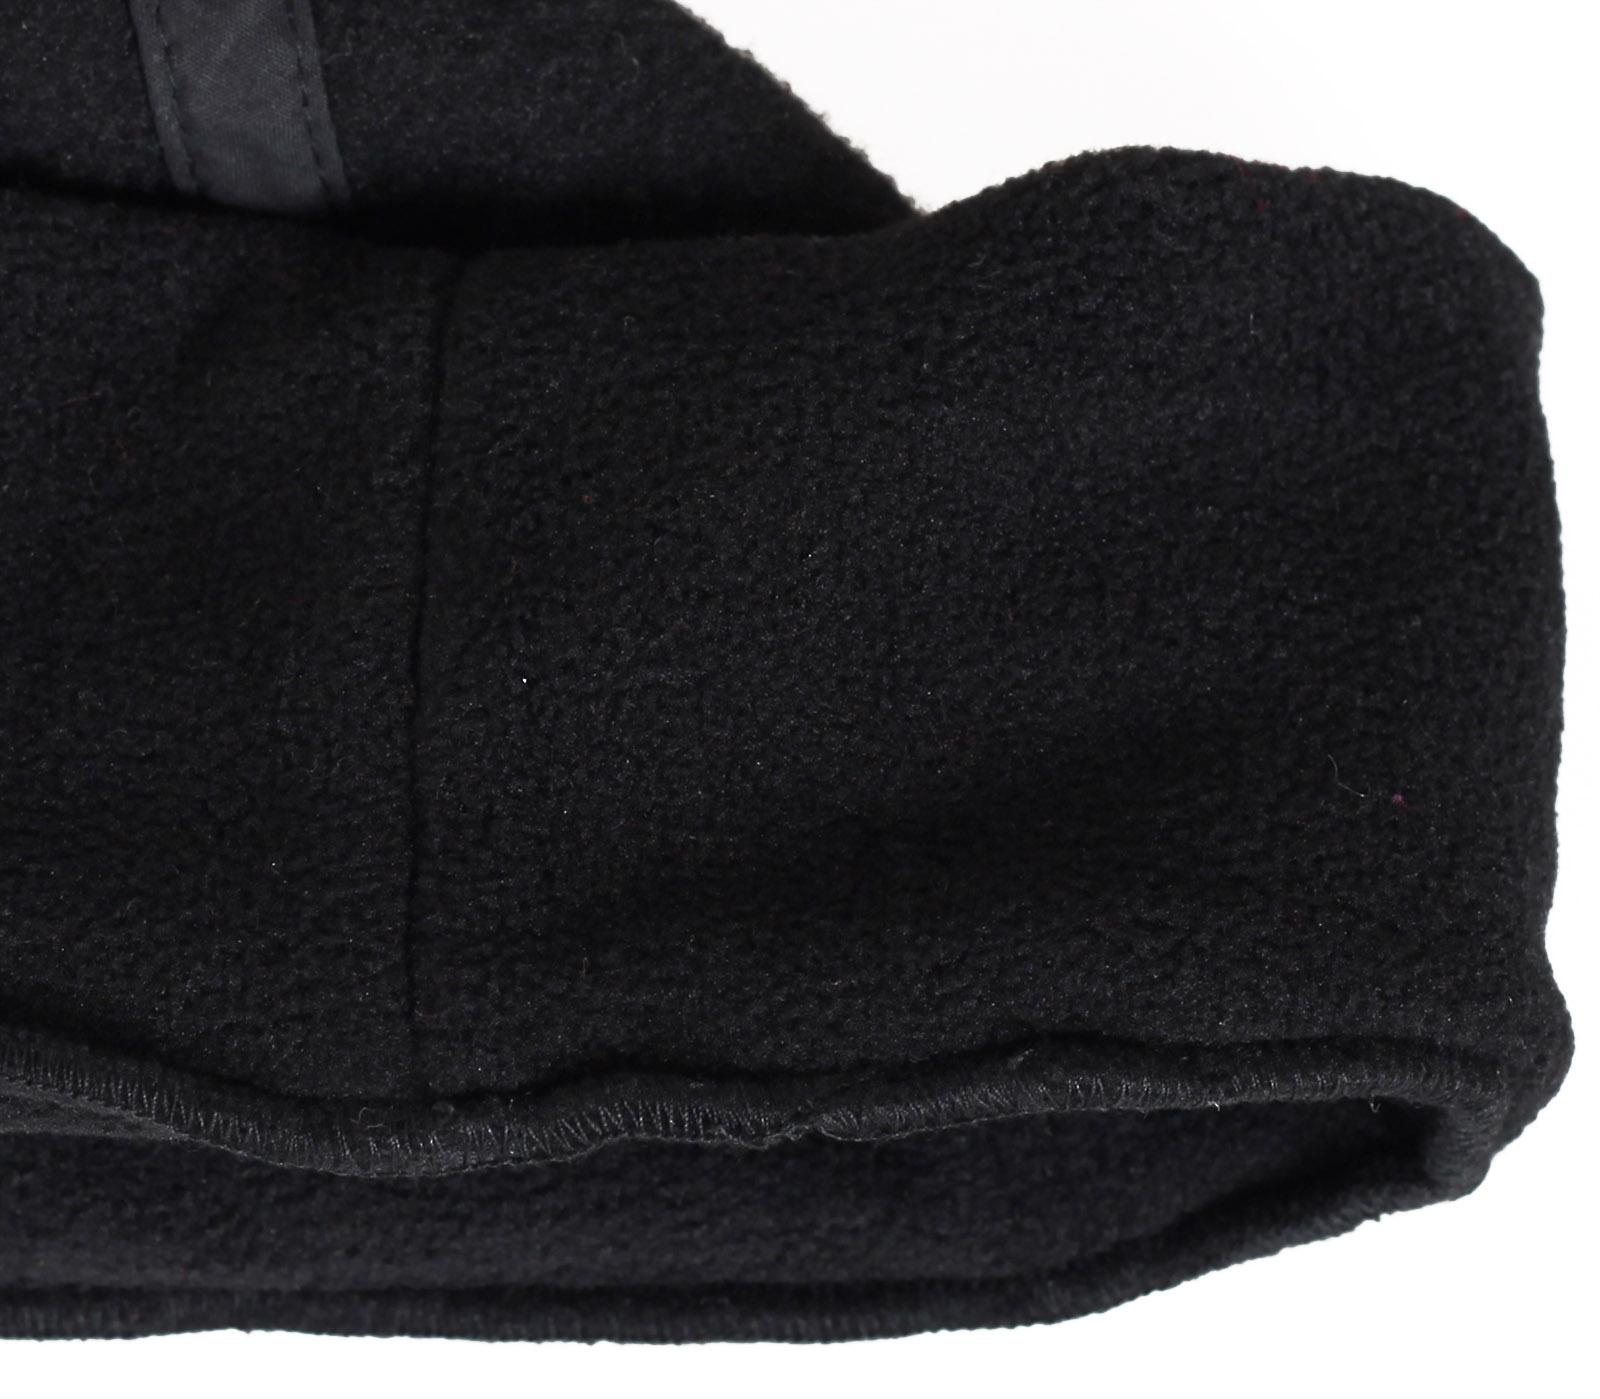 Заказать практичную мужскую флисовую шапку современной молодежной модели по лучшей цене